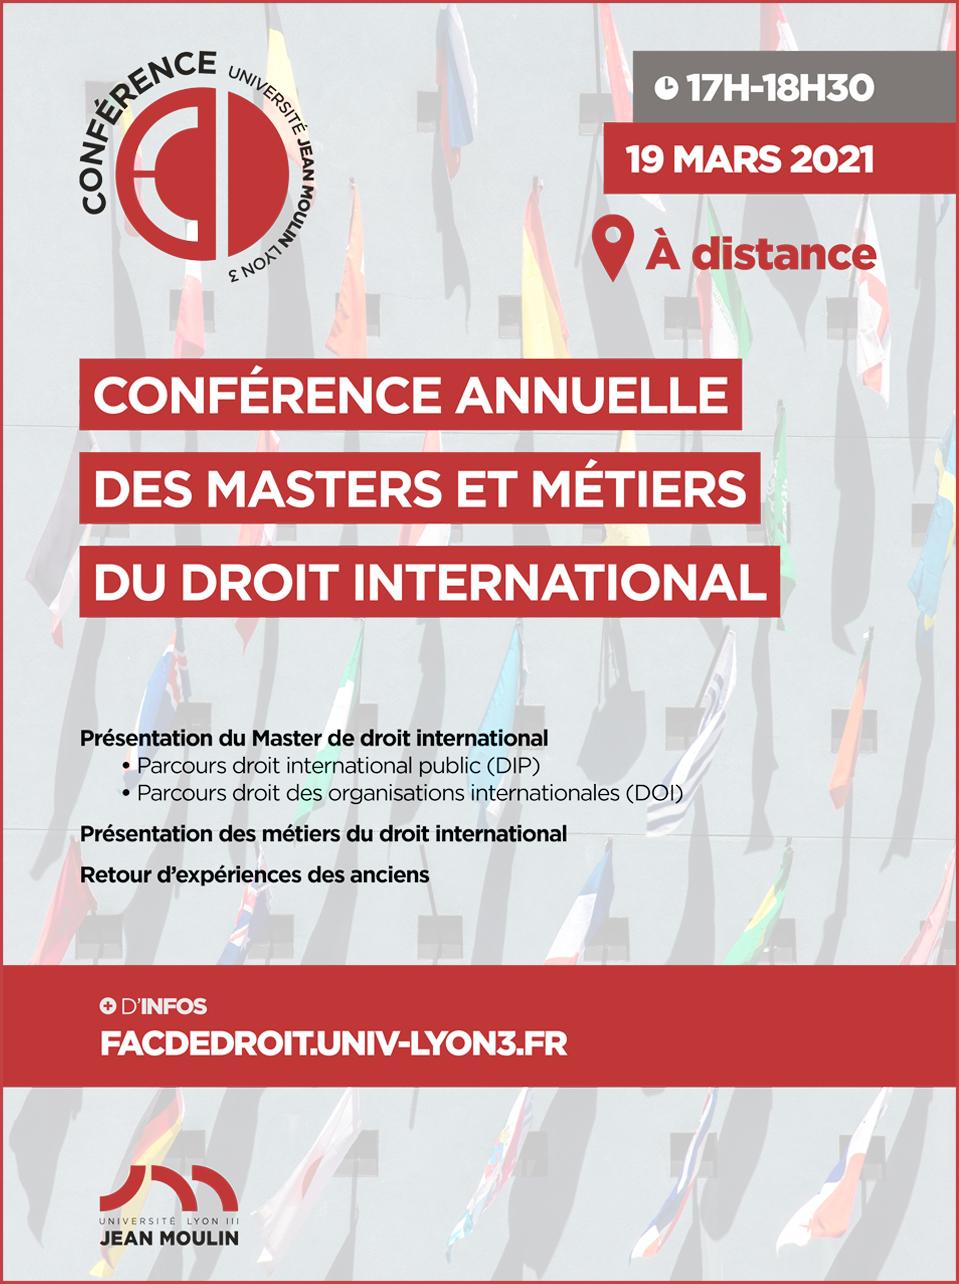 Conférence annuelle des masters et métiers du droit international